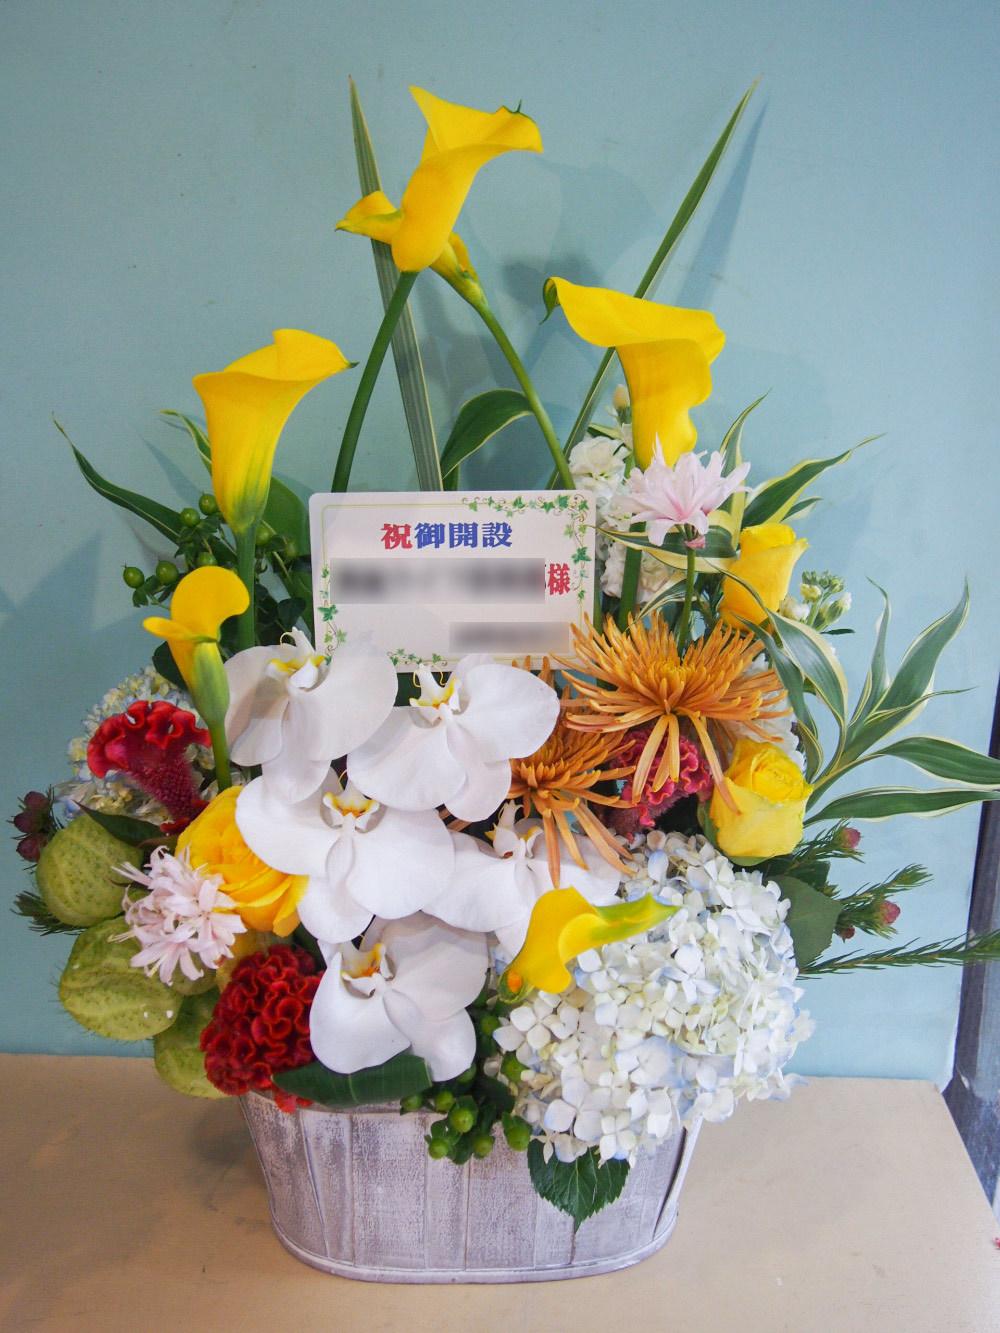 事務所の新規開設に 胡蝶蘭のフォーマルさと力強さを表現した竣工祝い花